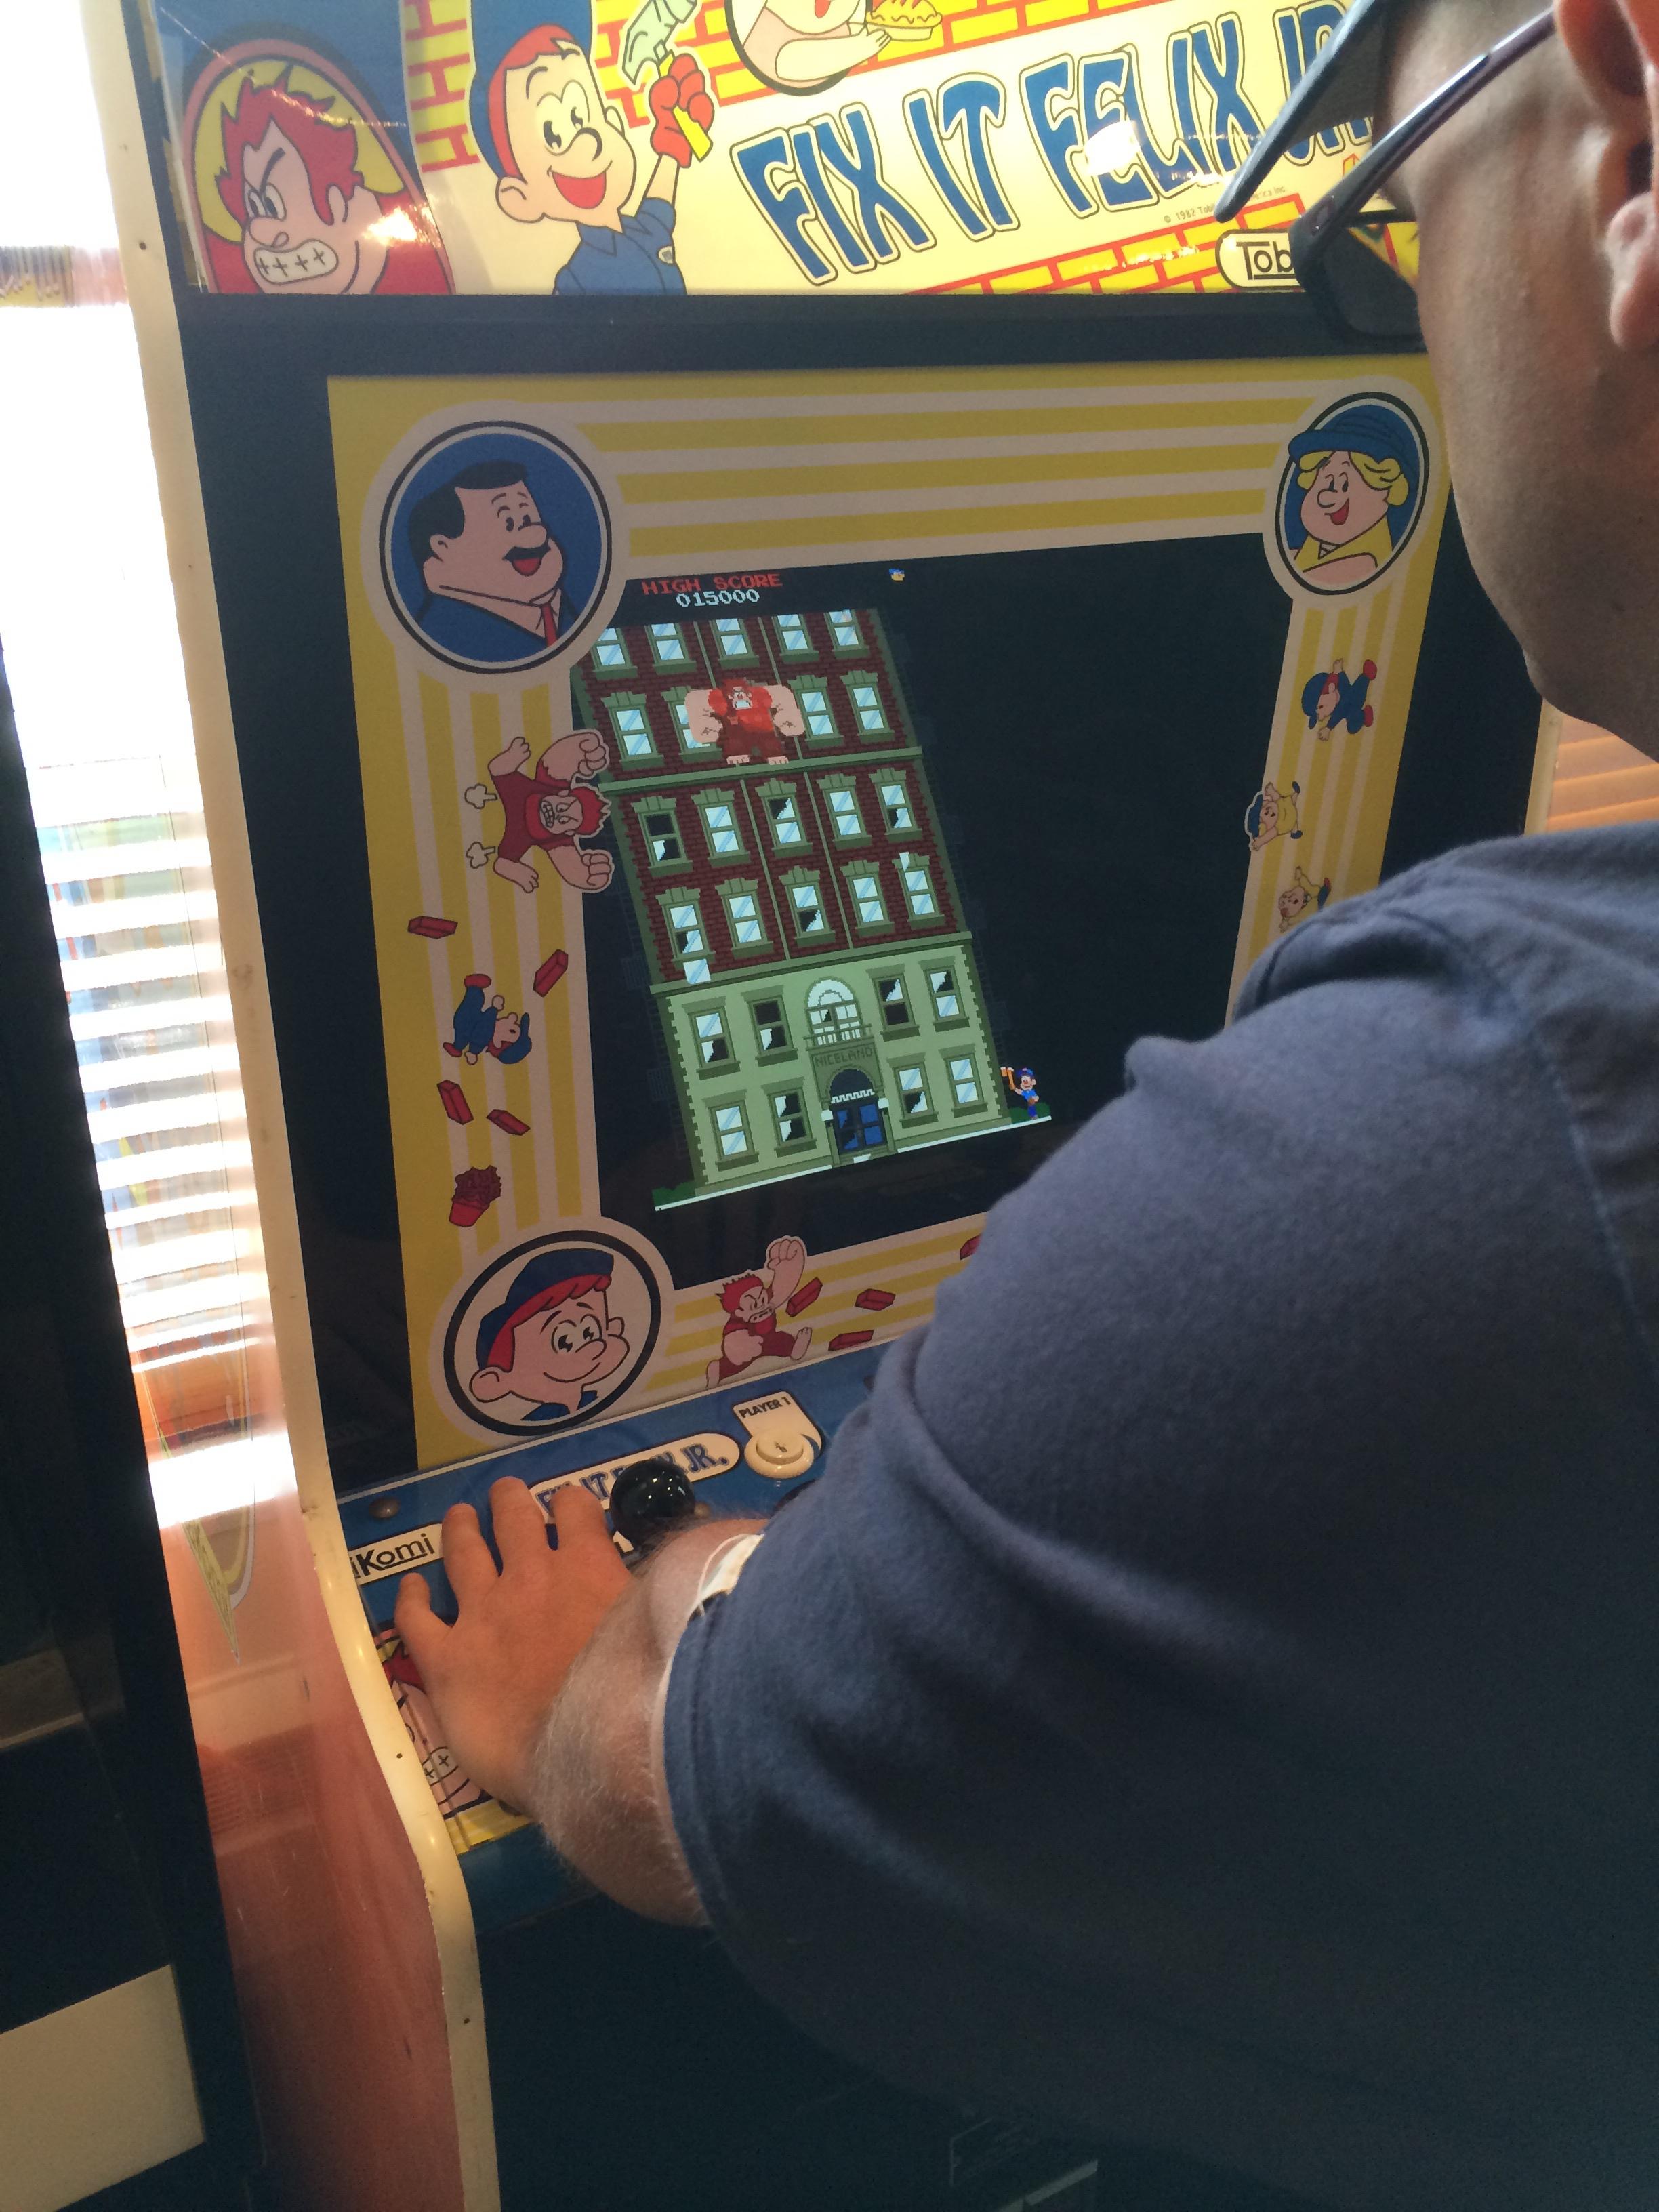 Joel's iPhone 04232014 092.JPG